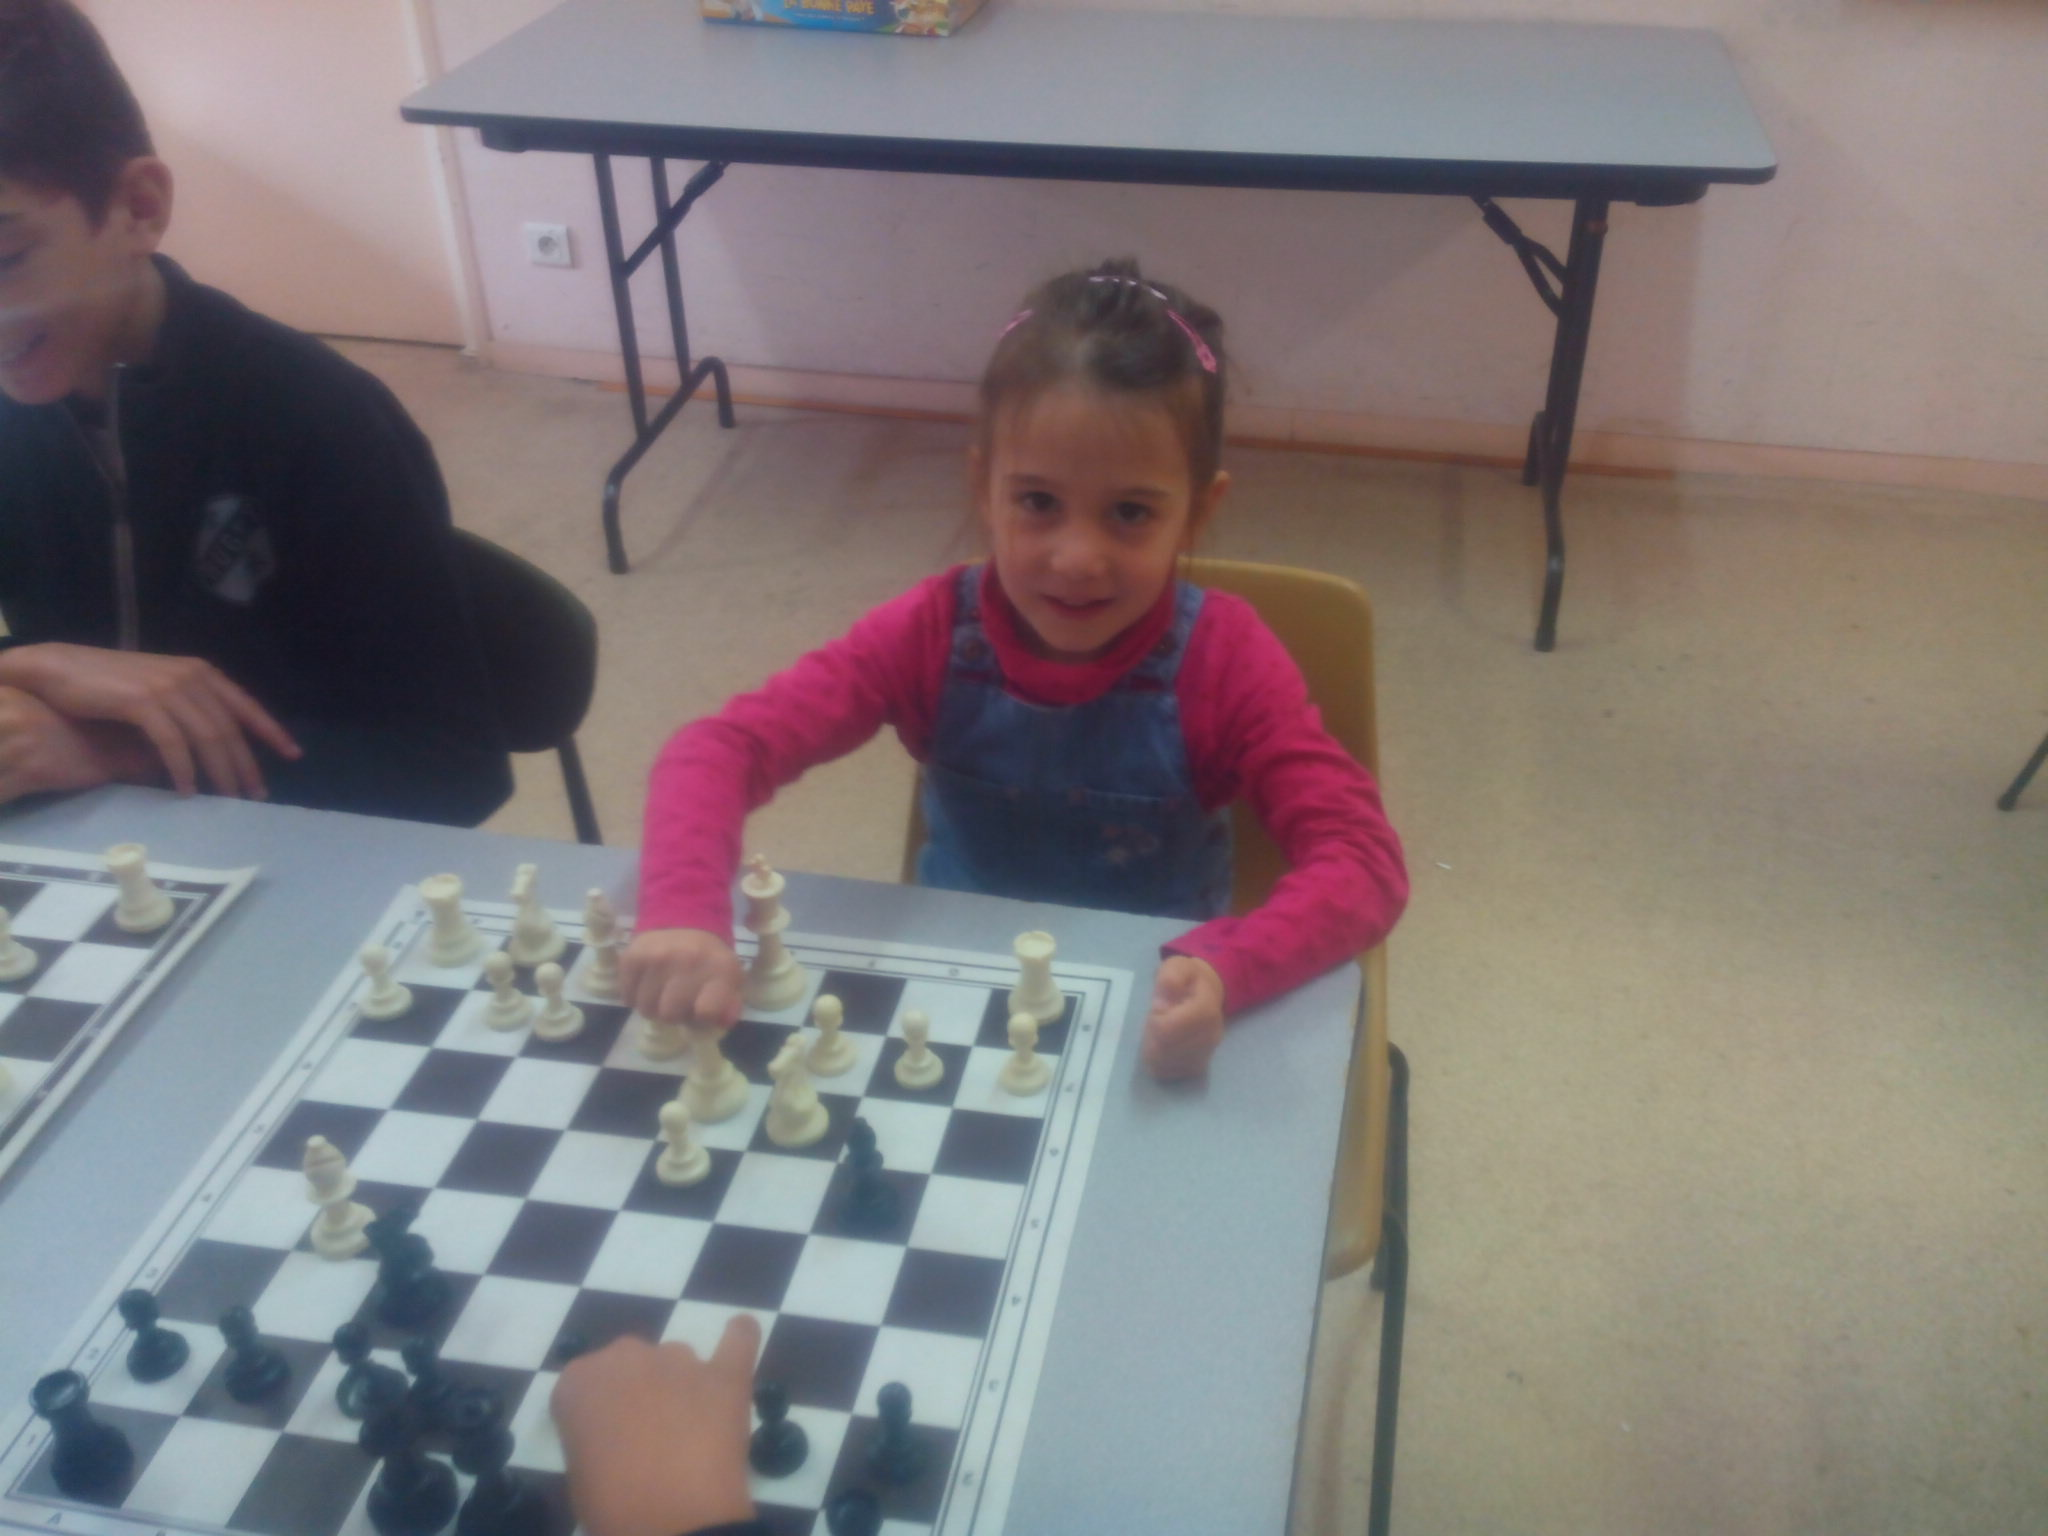 Enfant jouant au jeu d'échecs